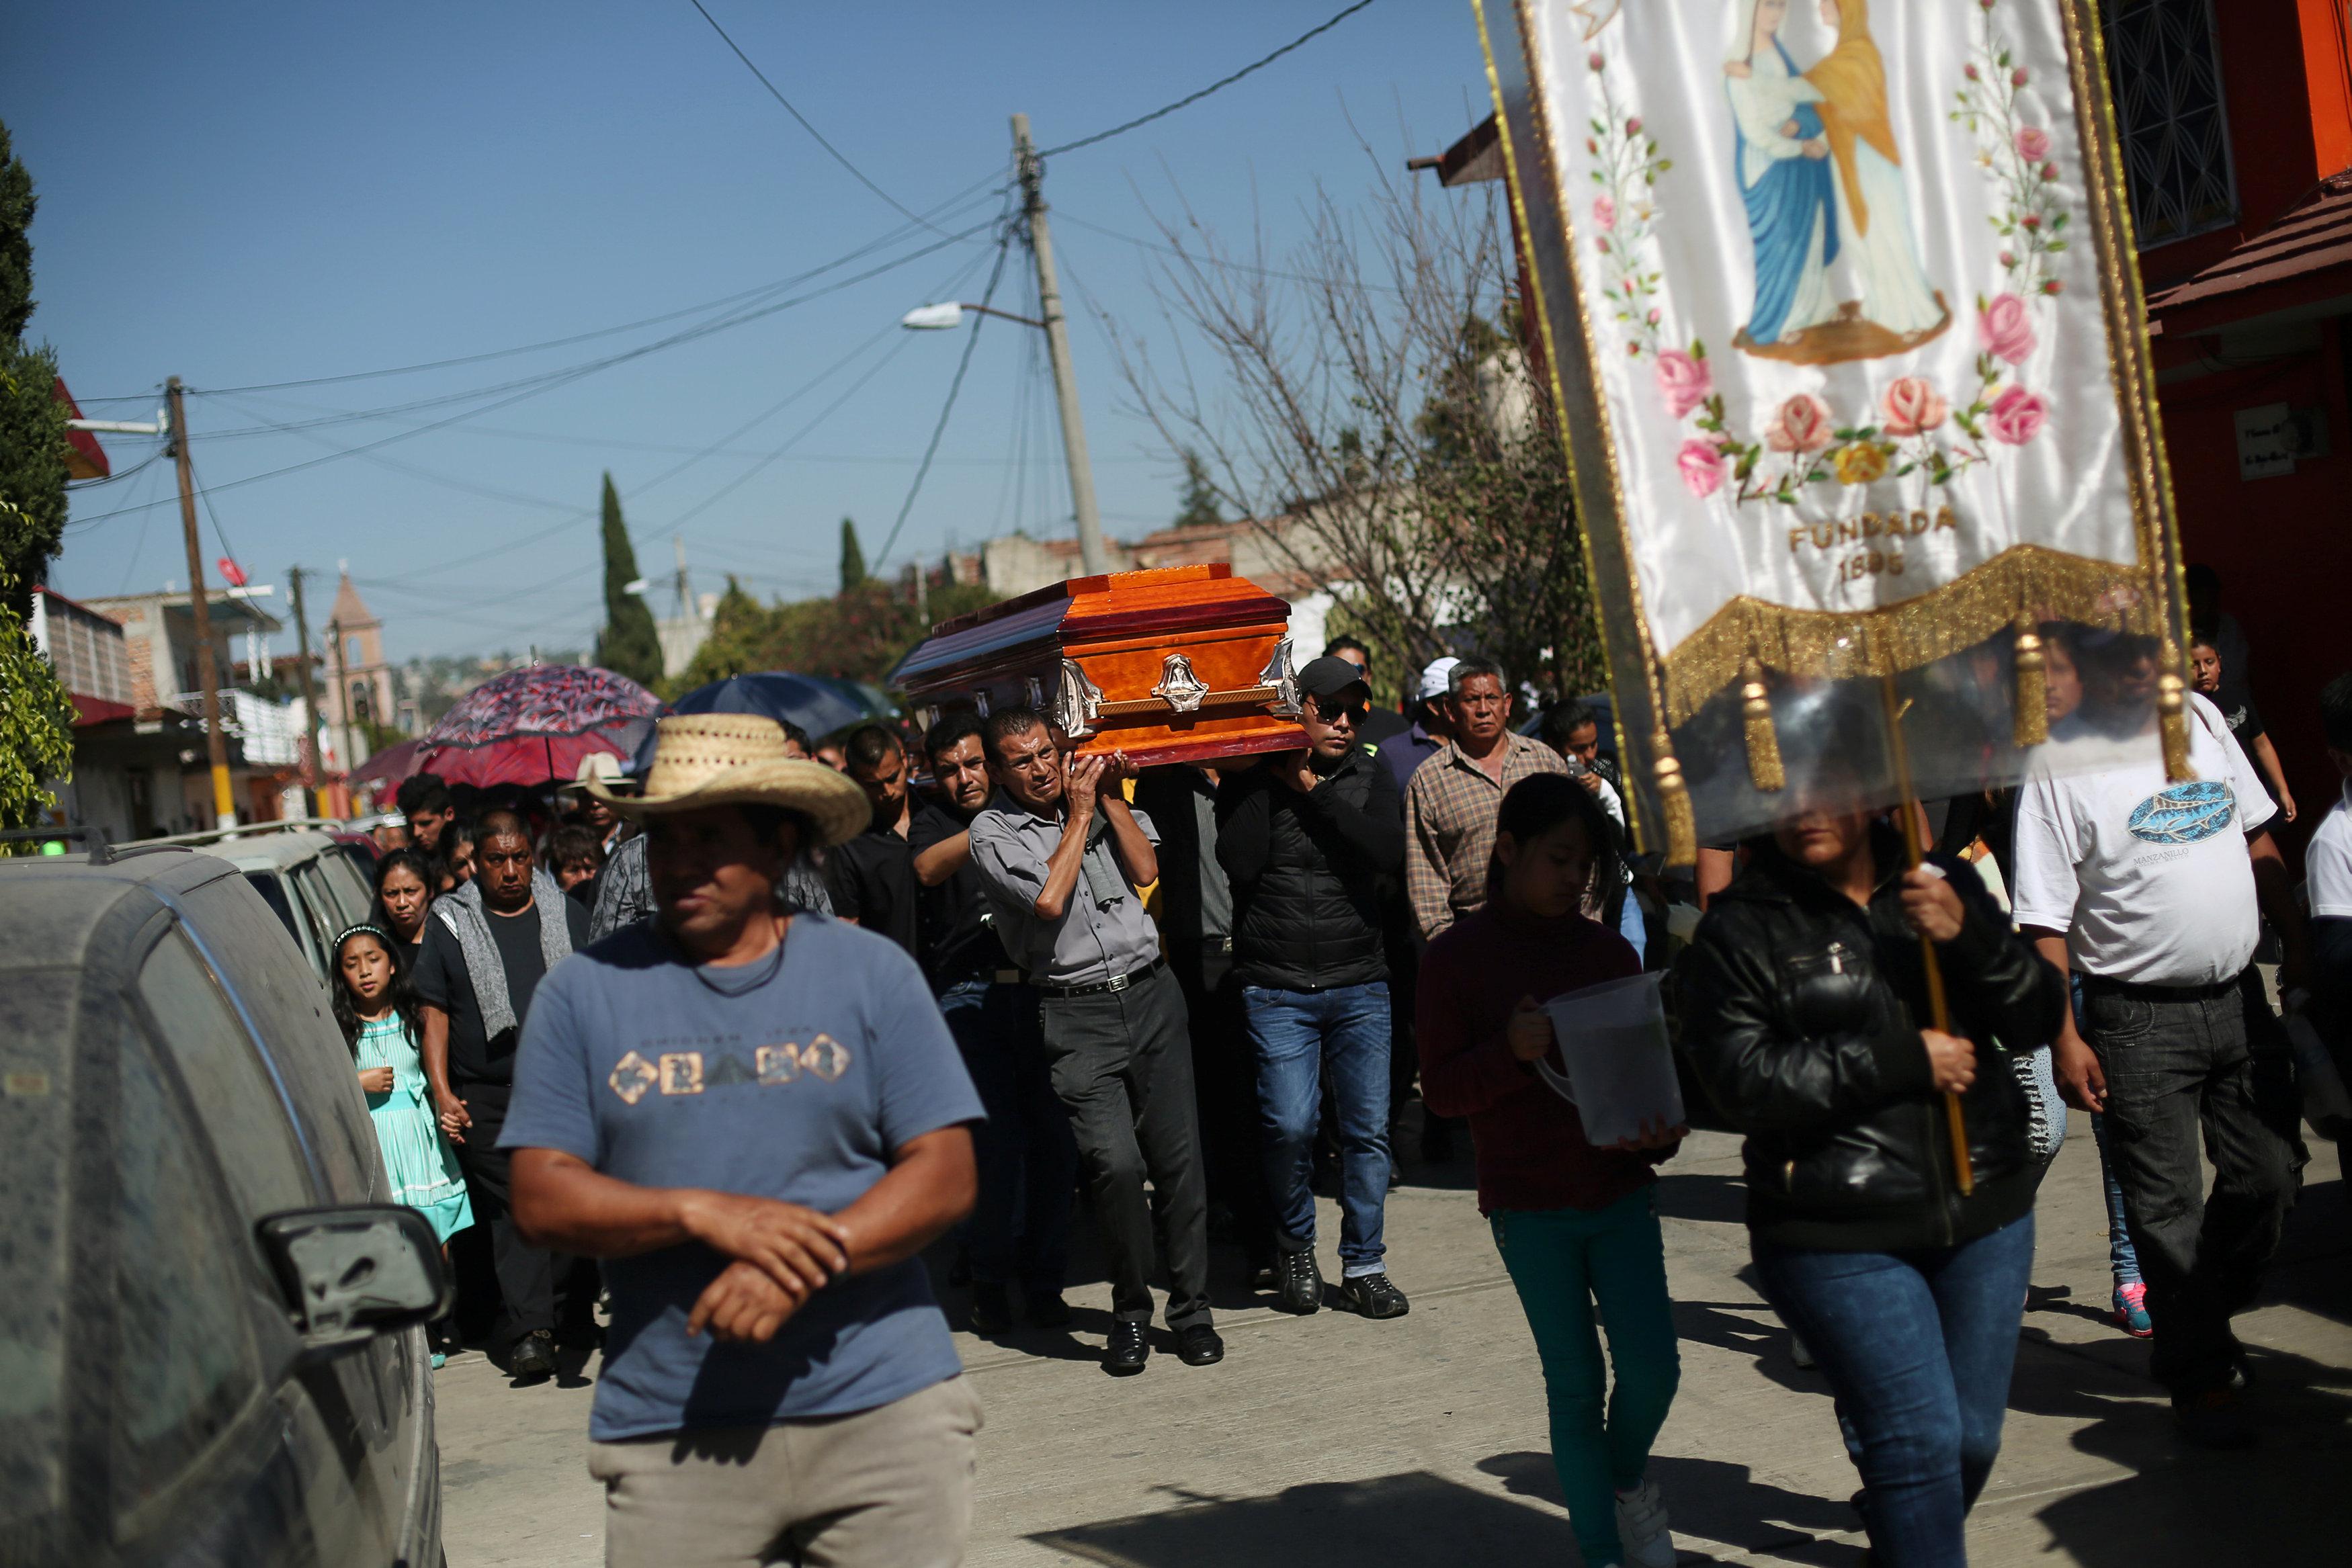 الآف المكسيكيين يشيعون جثامين ضحايا انفجار سوق الألعاب النارية